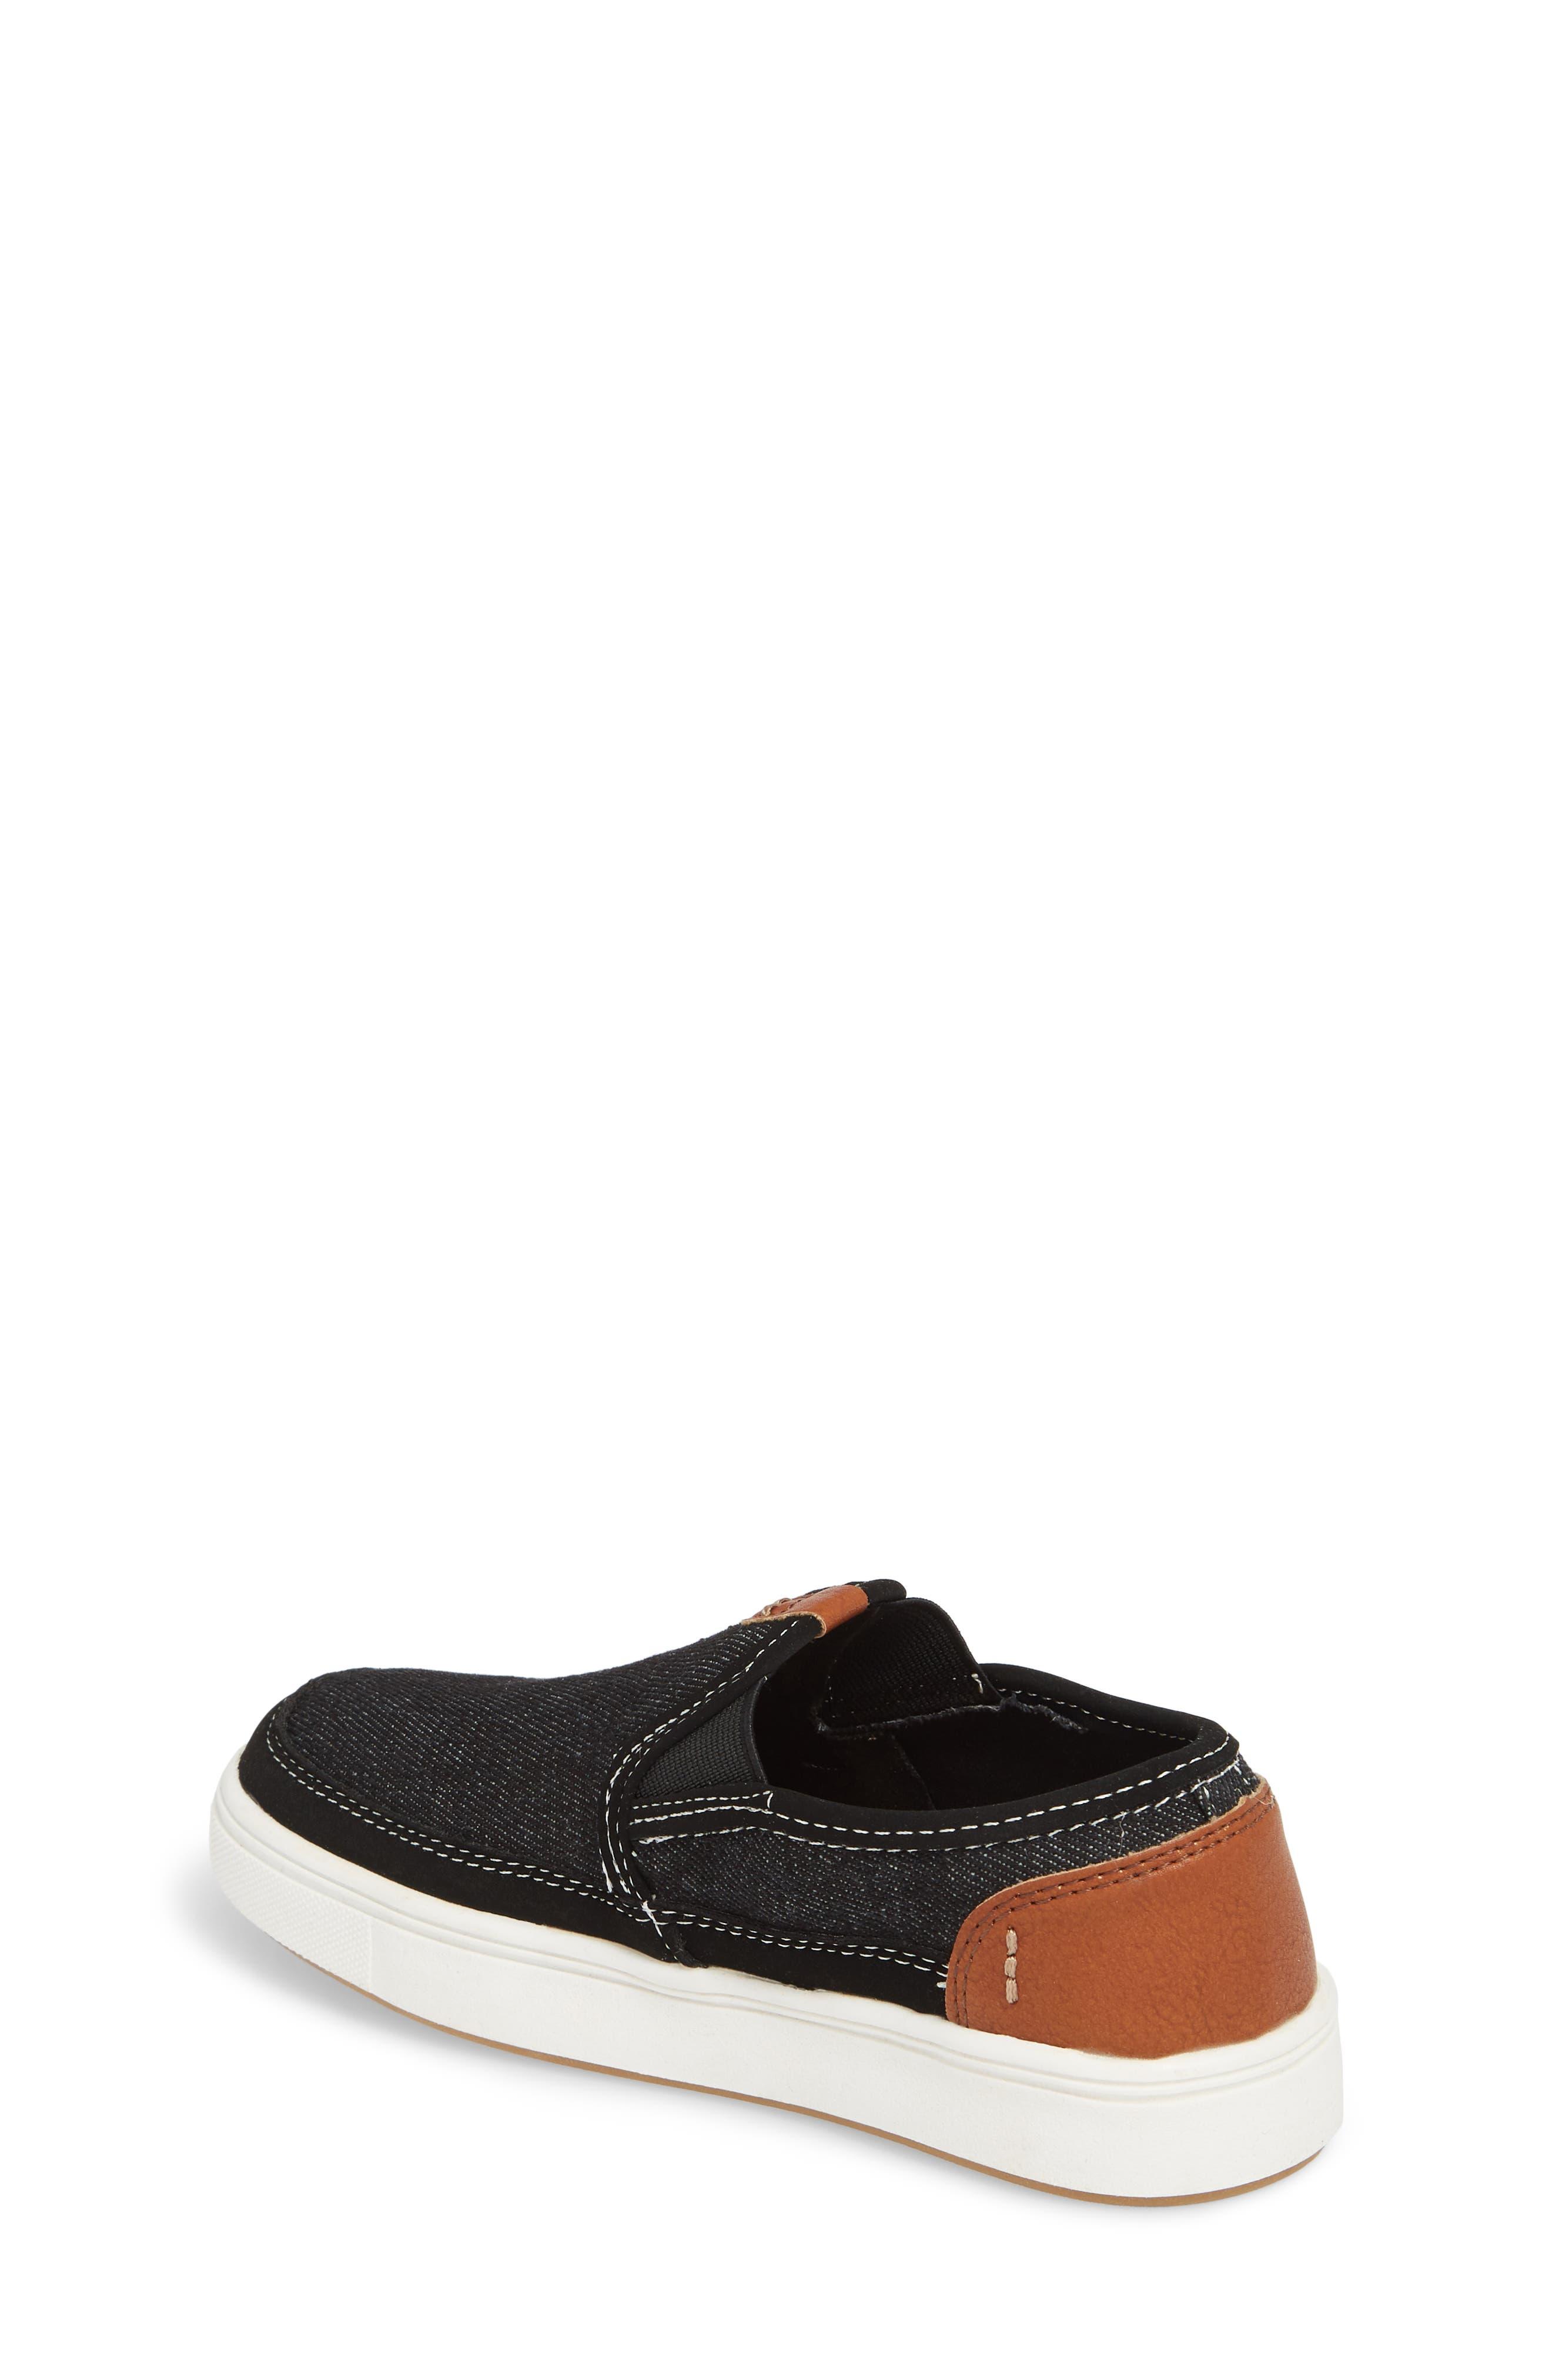 Bfoleeo Slip-On Sneaker,                             Alternate thumbnail 2, color,                             Black